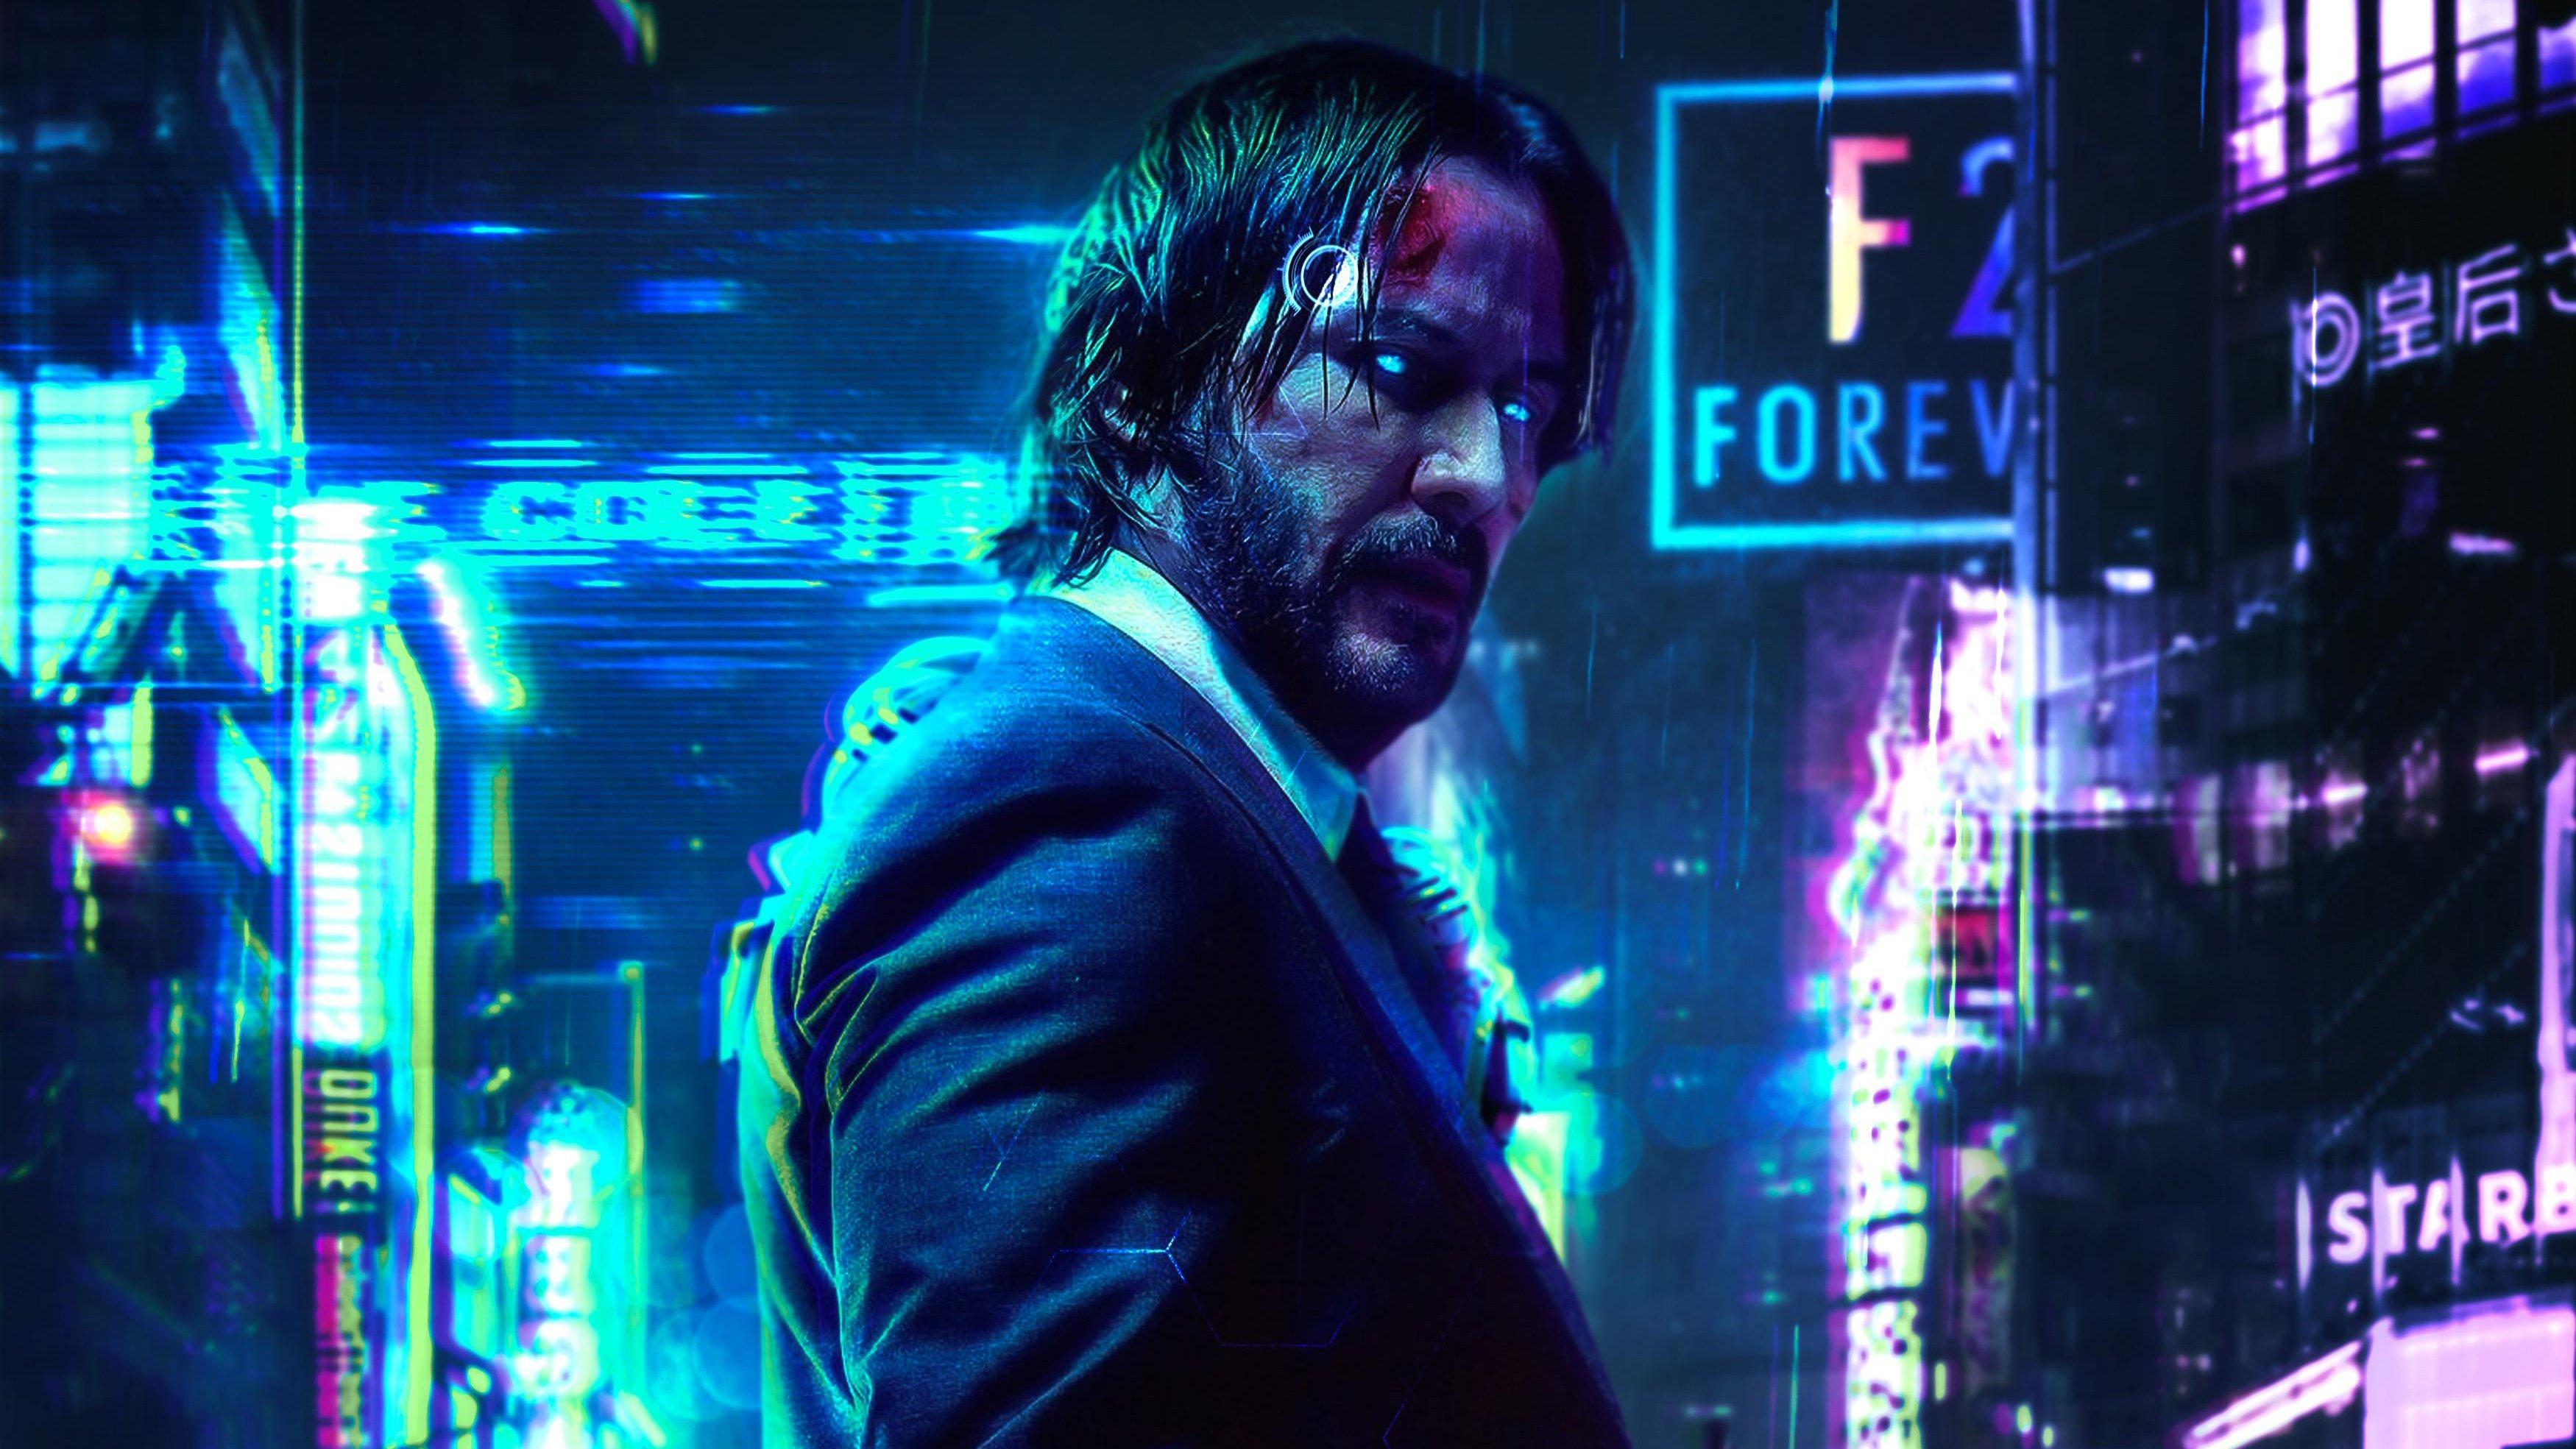 Wallpaper Cyberpunk John Wick Keanu Reeves FanArt